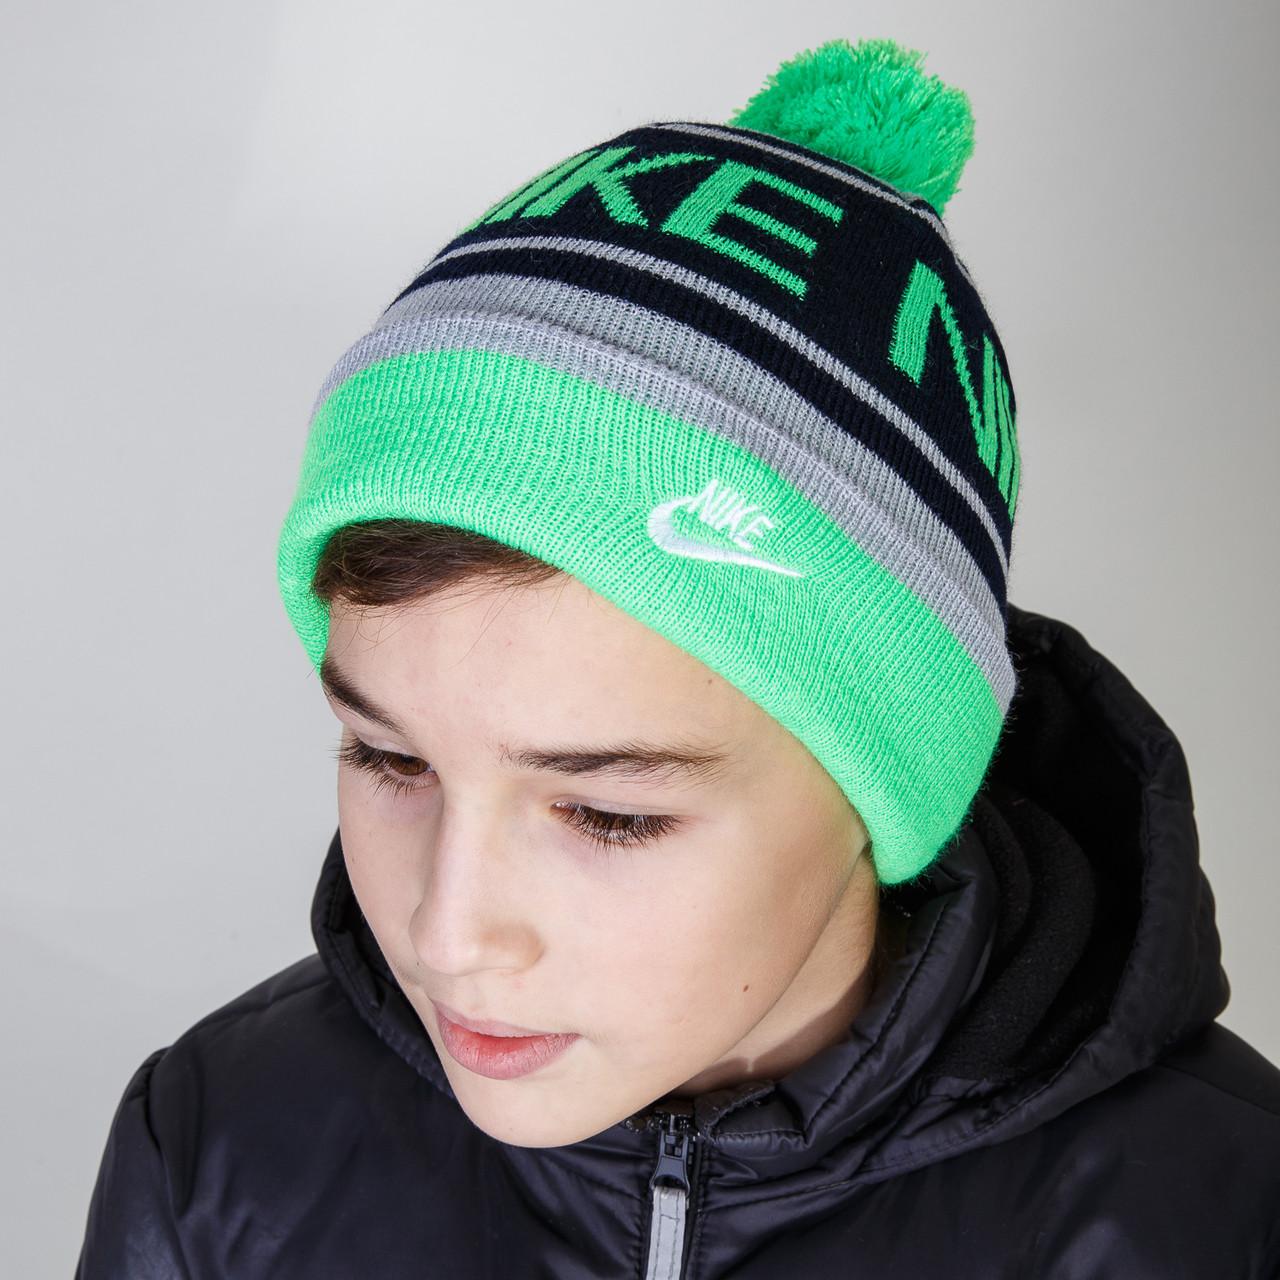 Зимняя спортивная шапка с помпоном для мальчика оптом - Артикул 2802